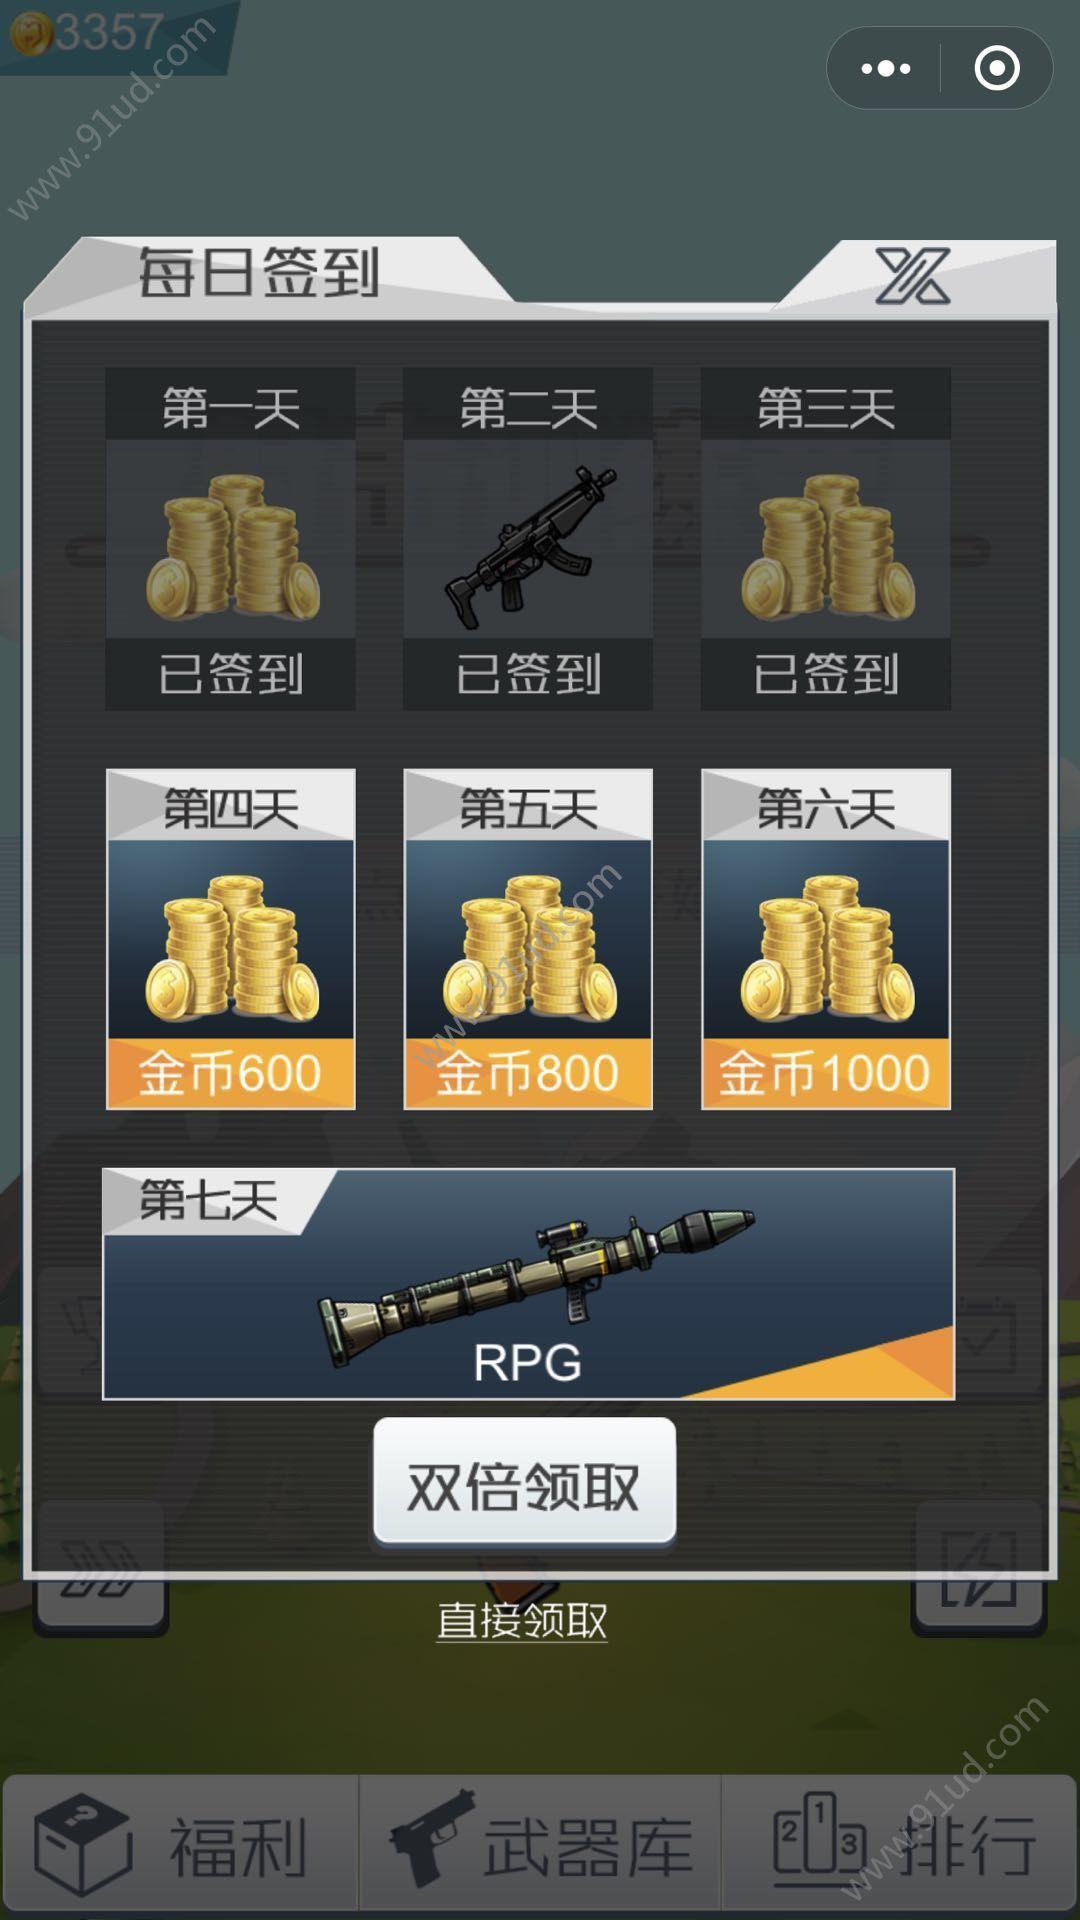 射击训练营小程序截图